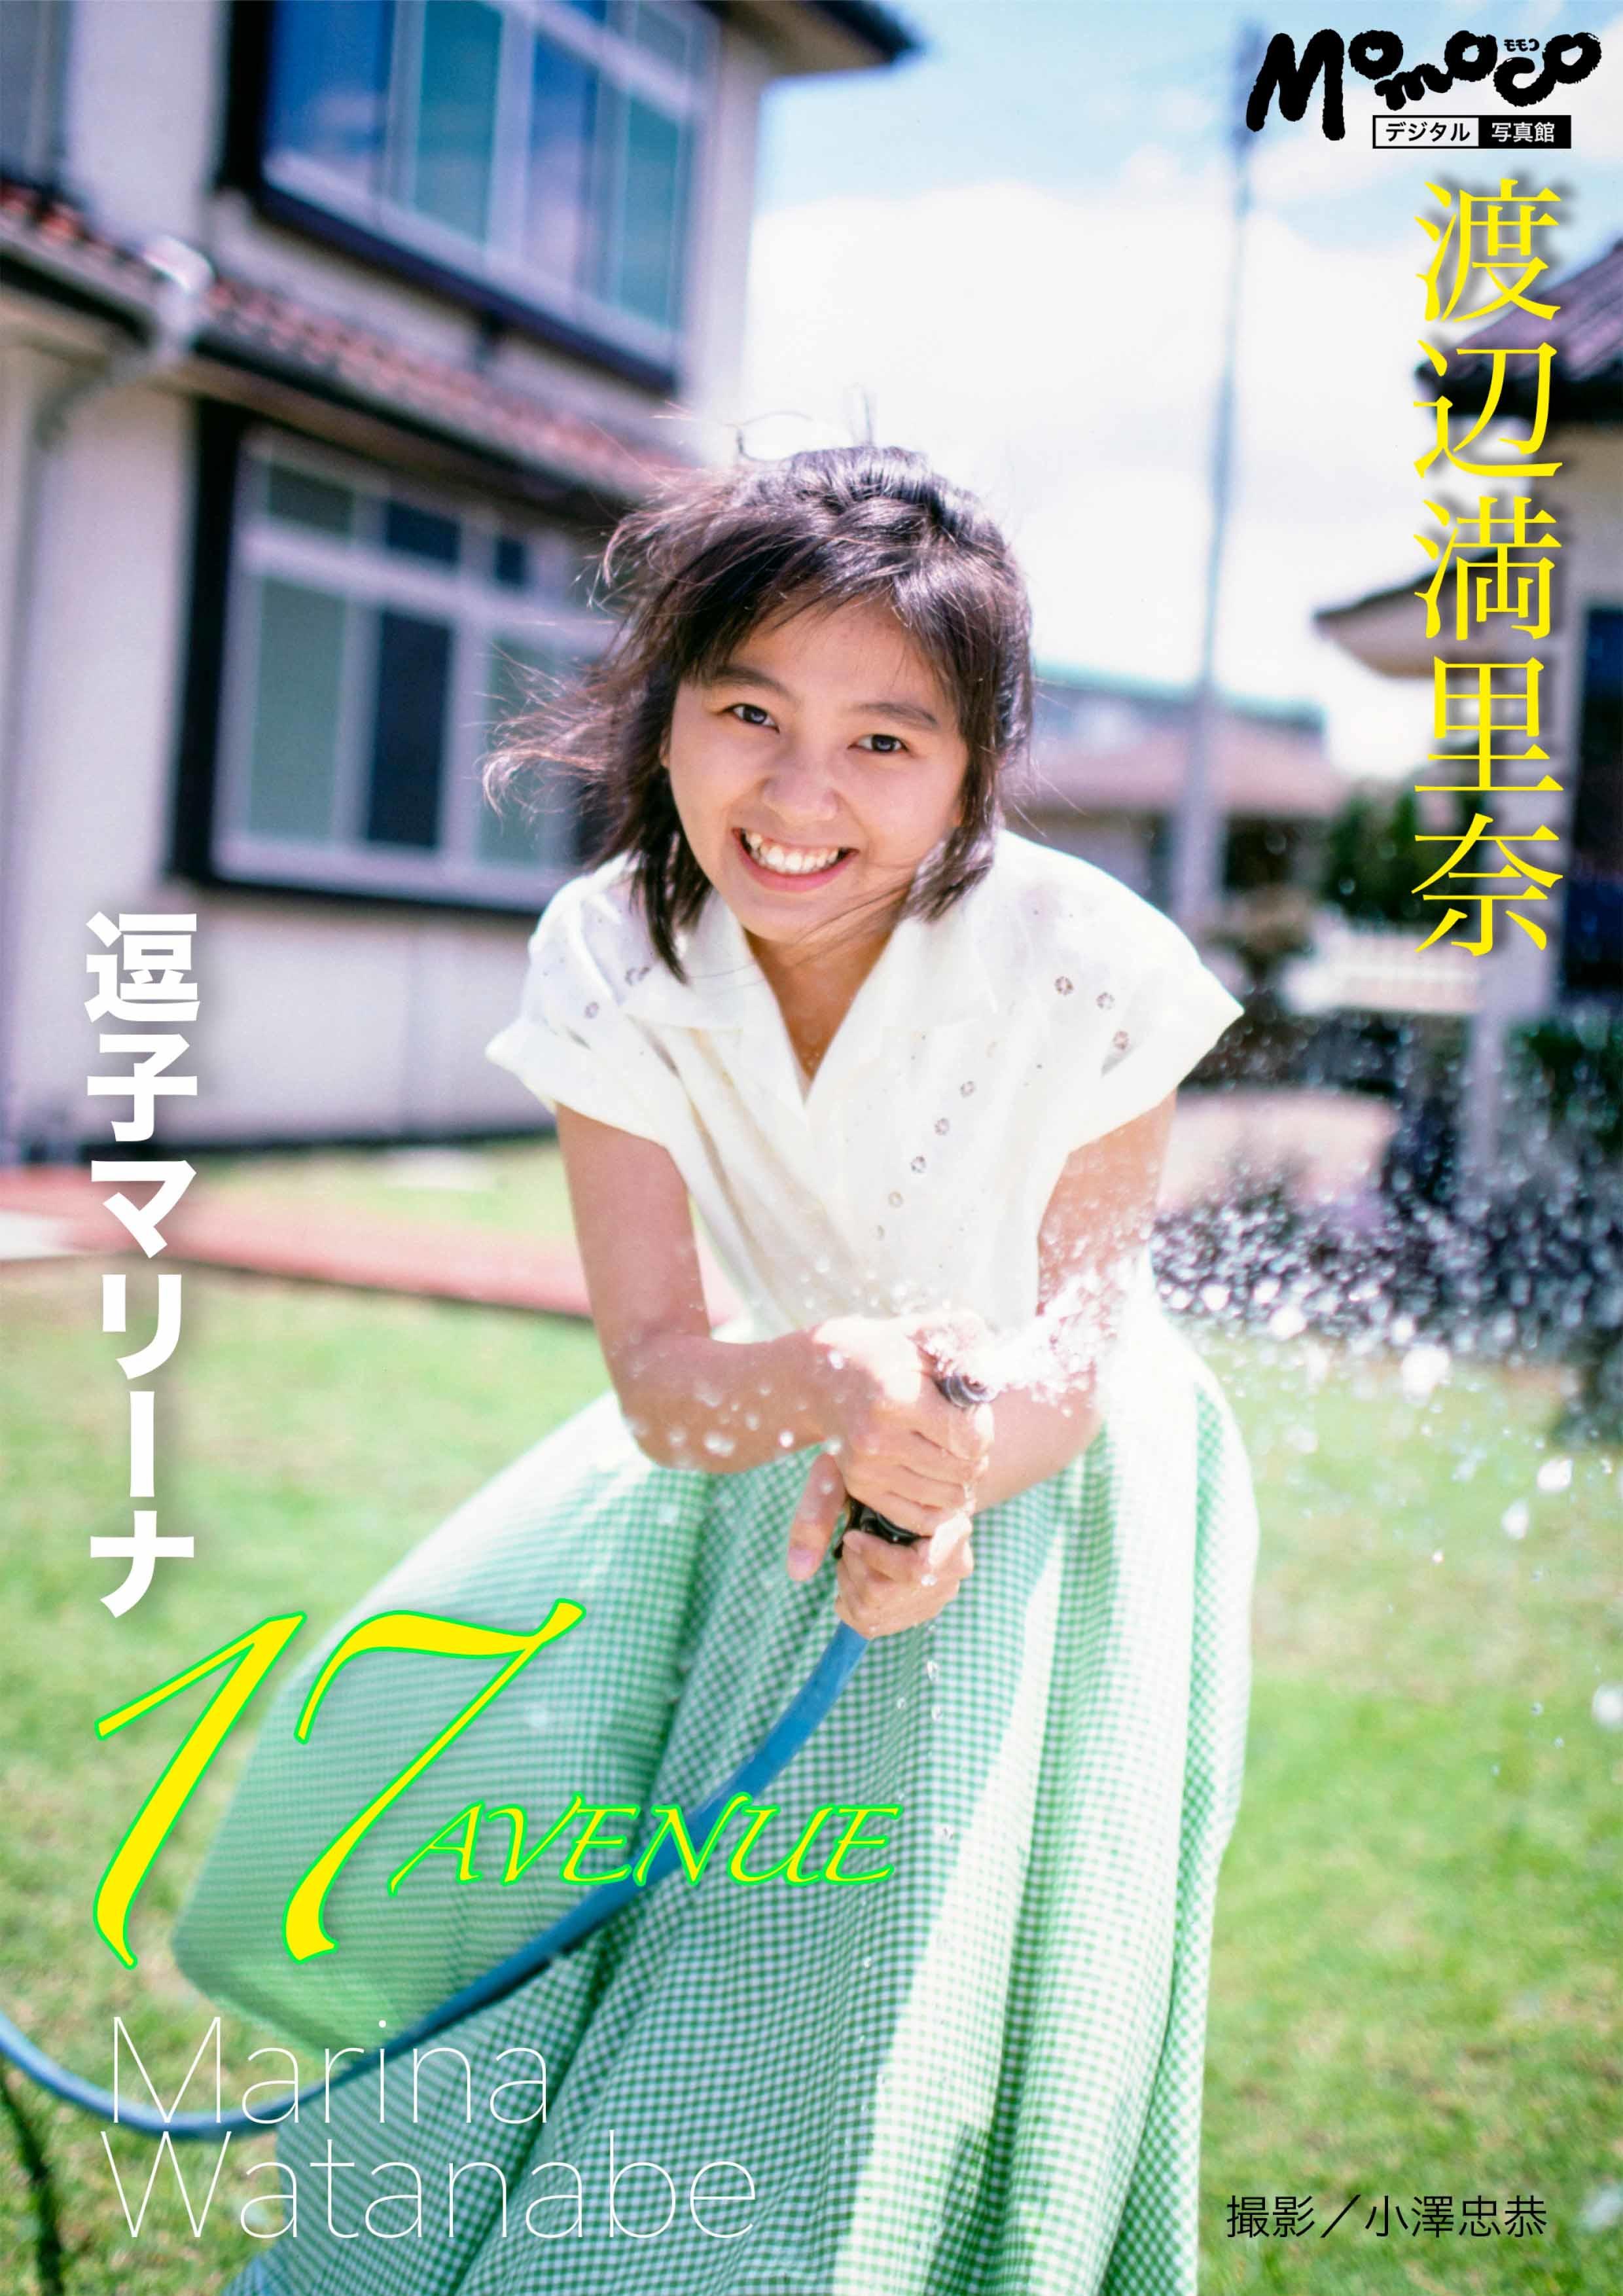 蘇った17歳の渡辺満里奈!デジタル版Momoco写真館が第2弾をリリース。